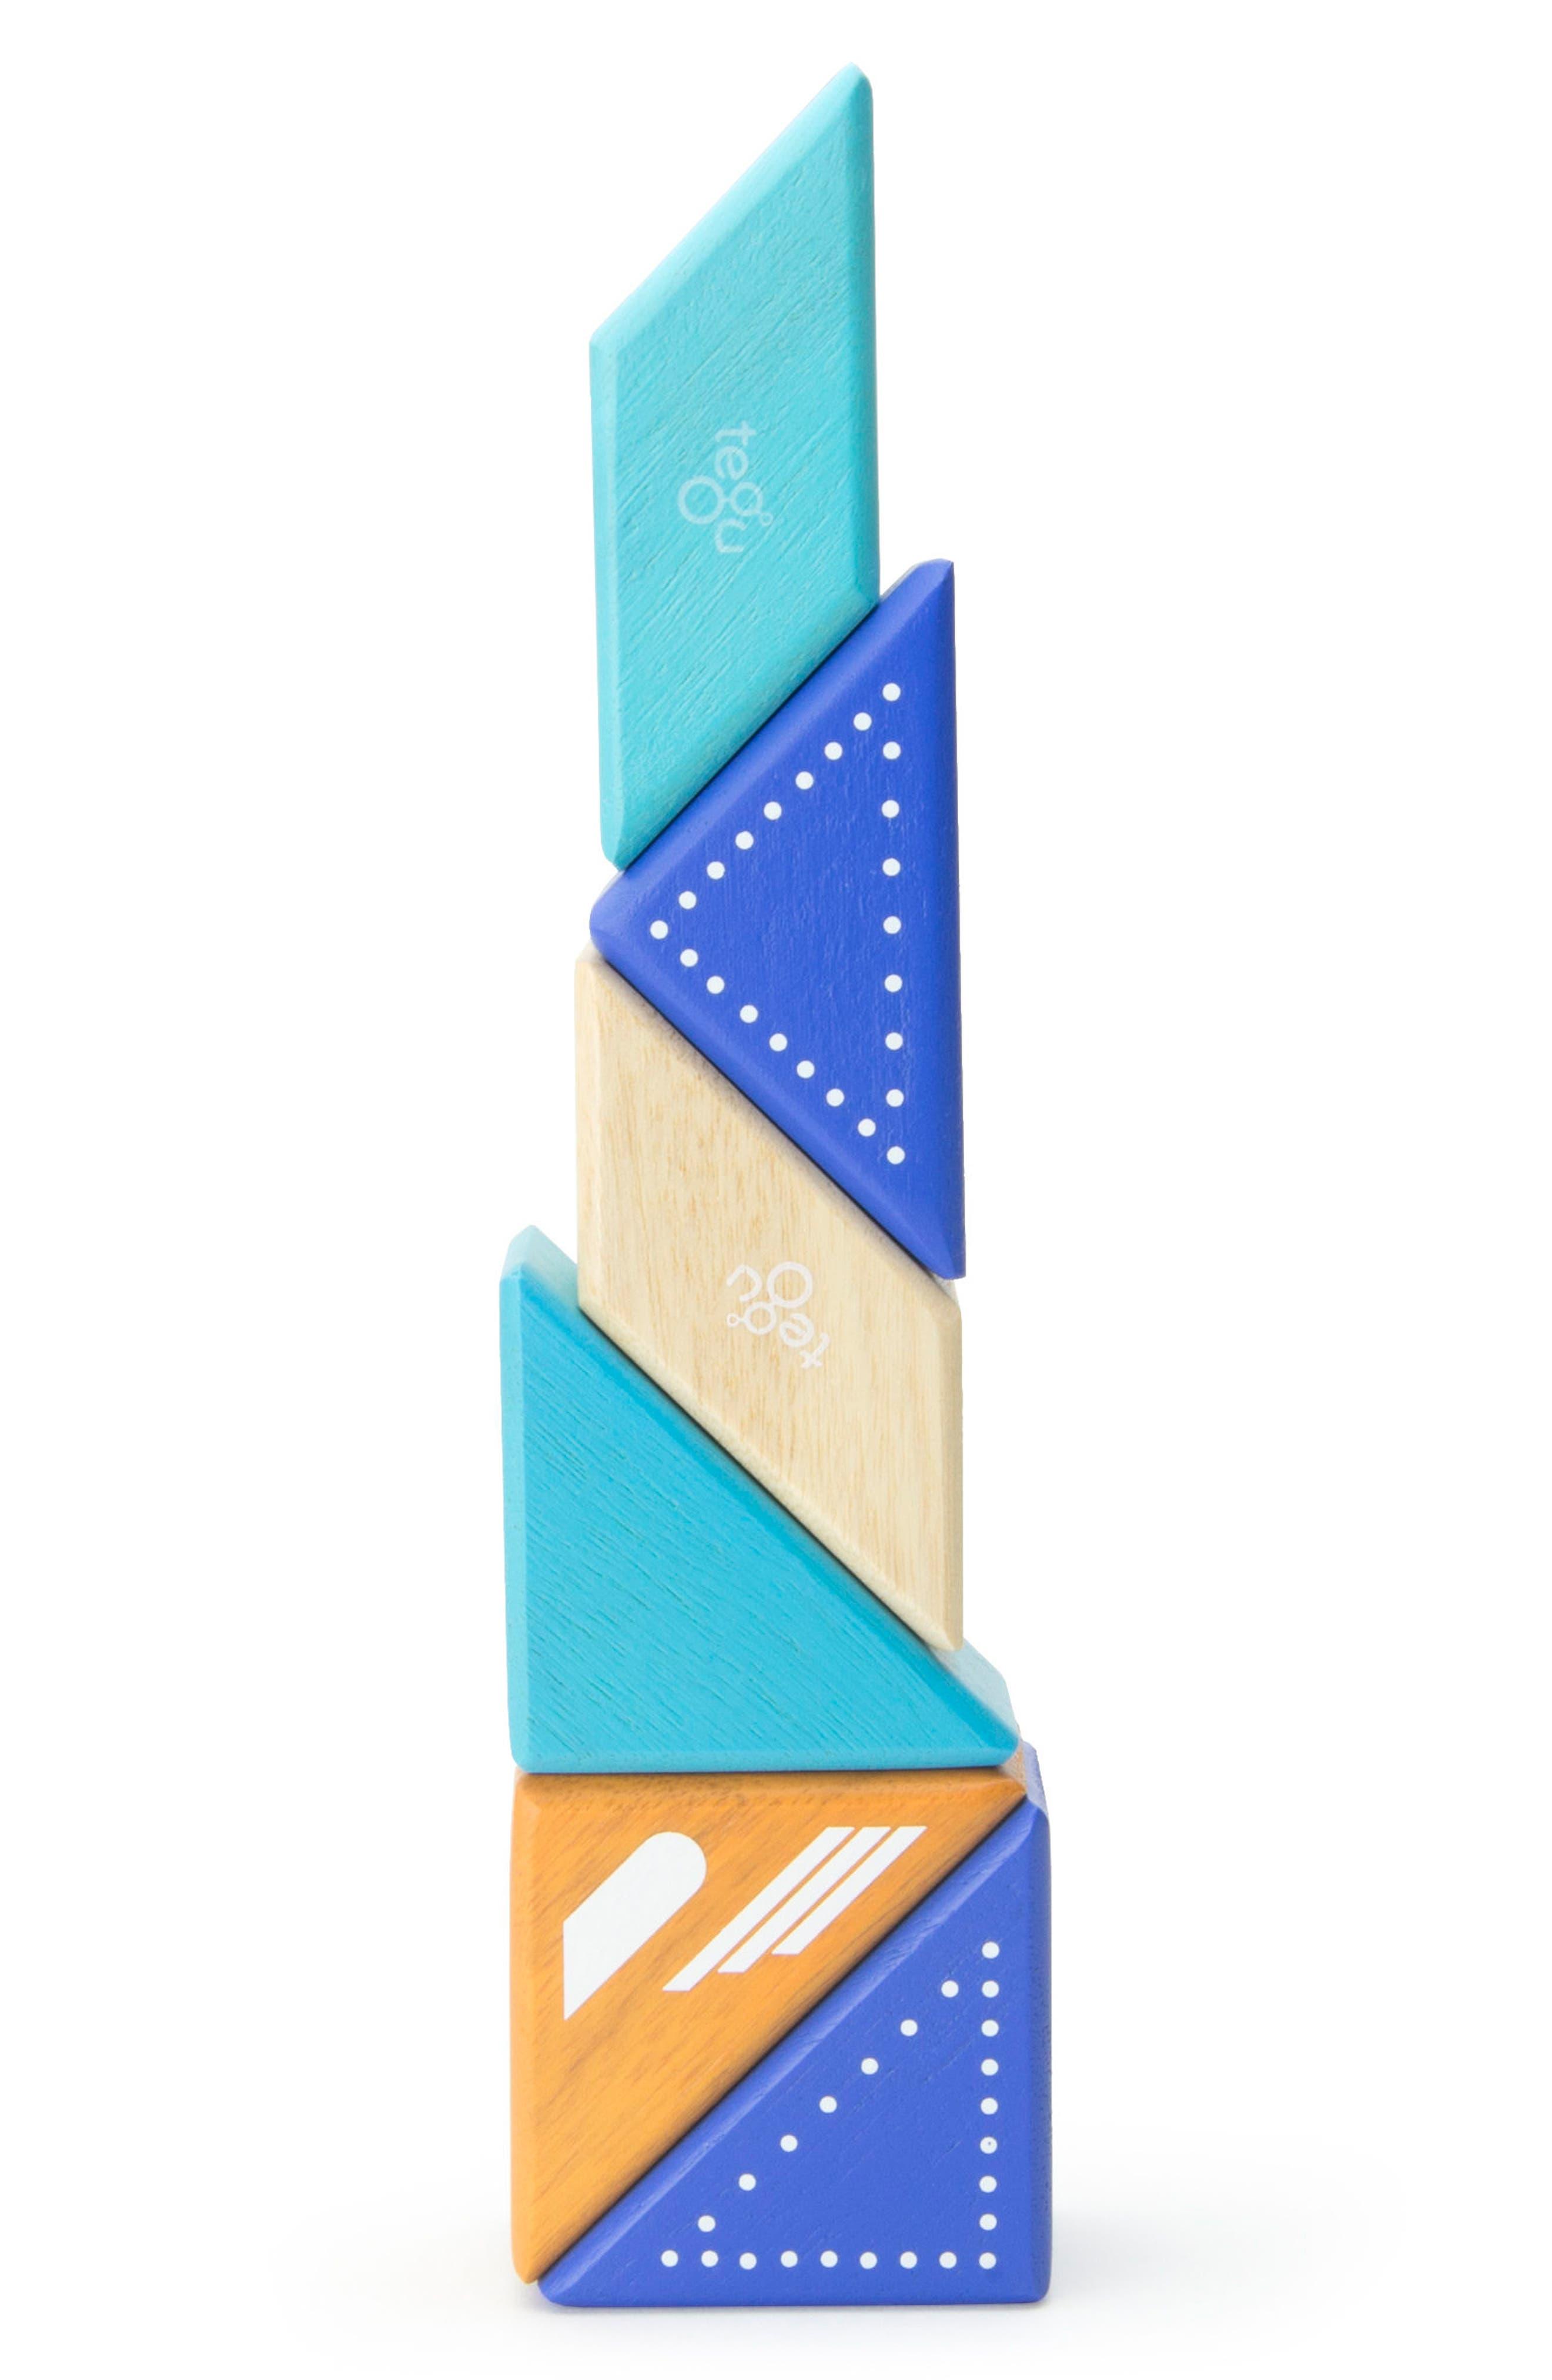 Travel Pals 6-Piece Jet Magnetic Block Set,                             Alternate thumbnail 8, color,                             Blue